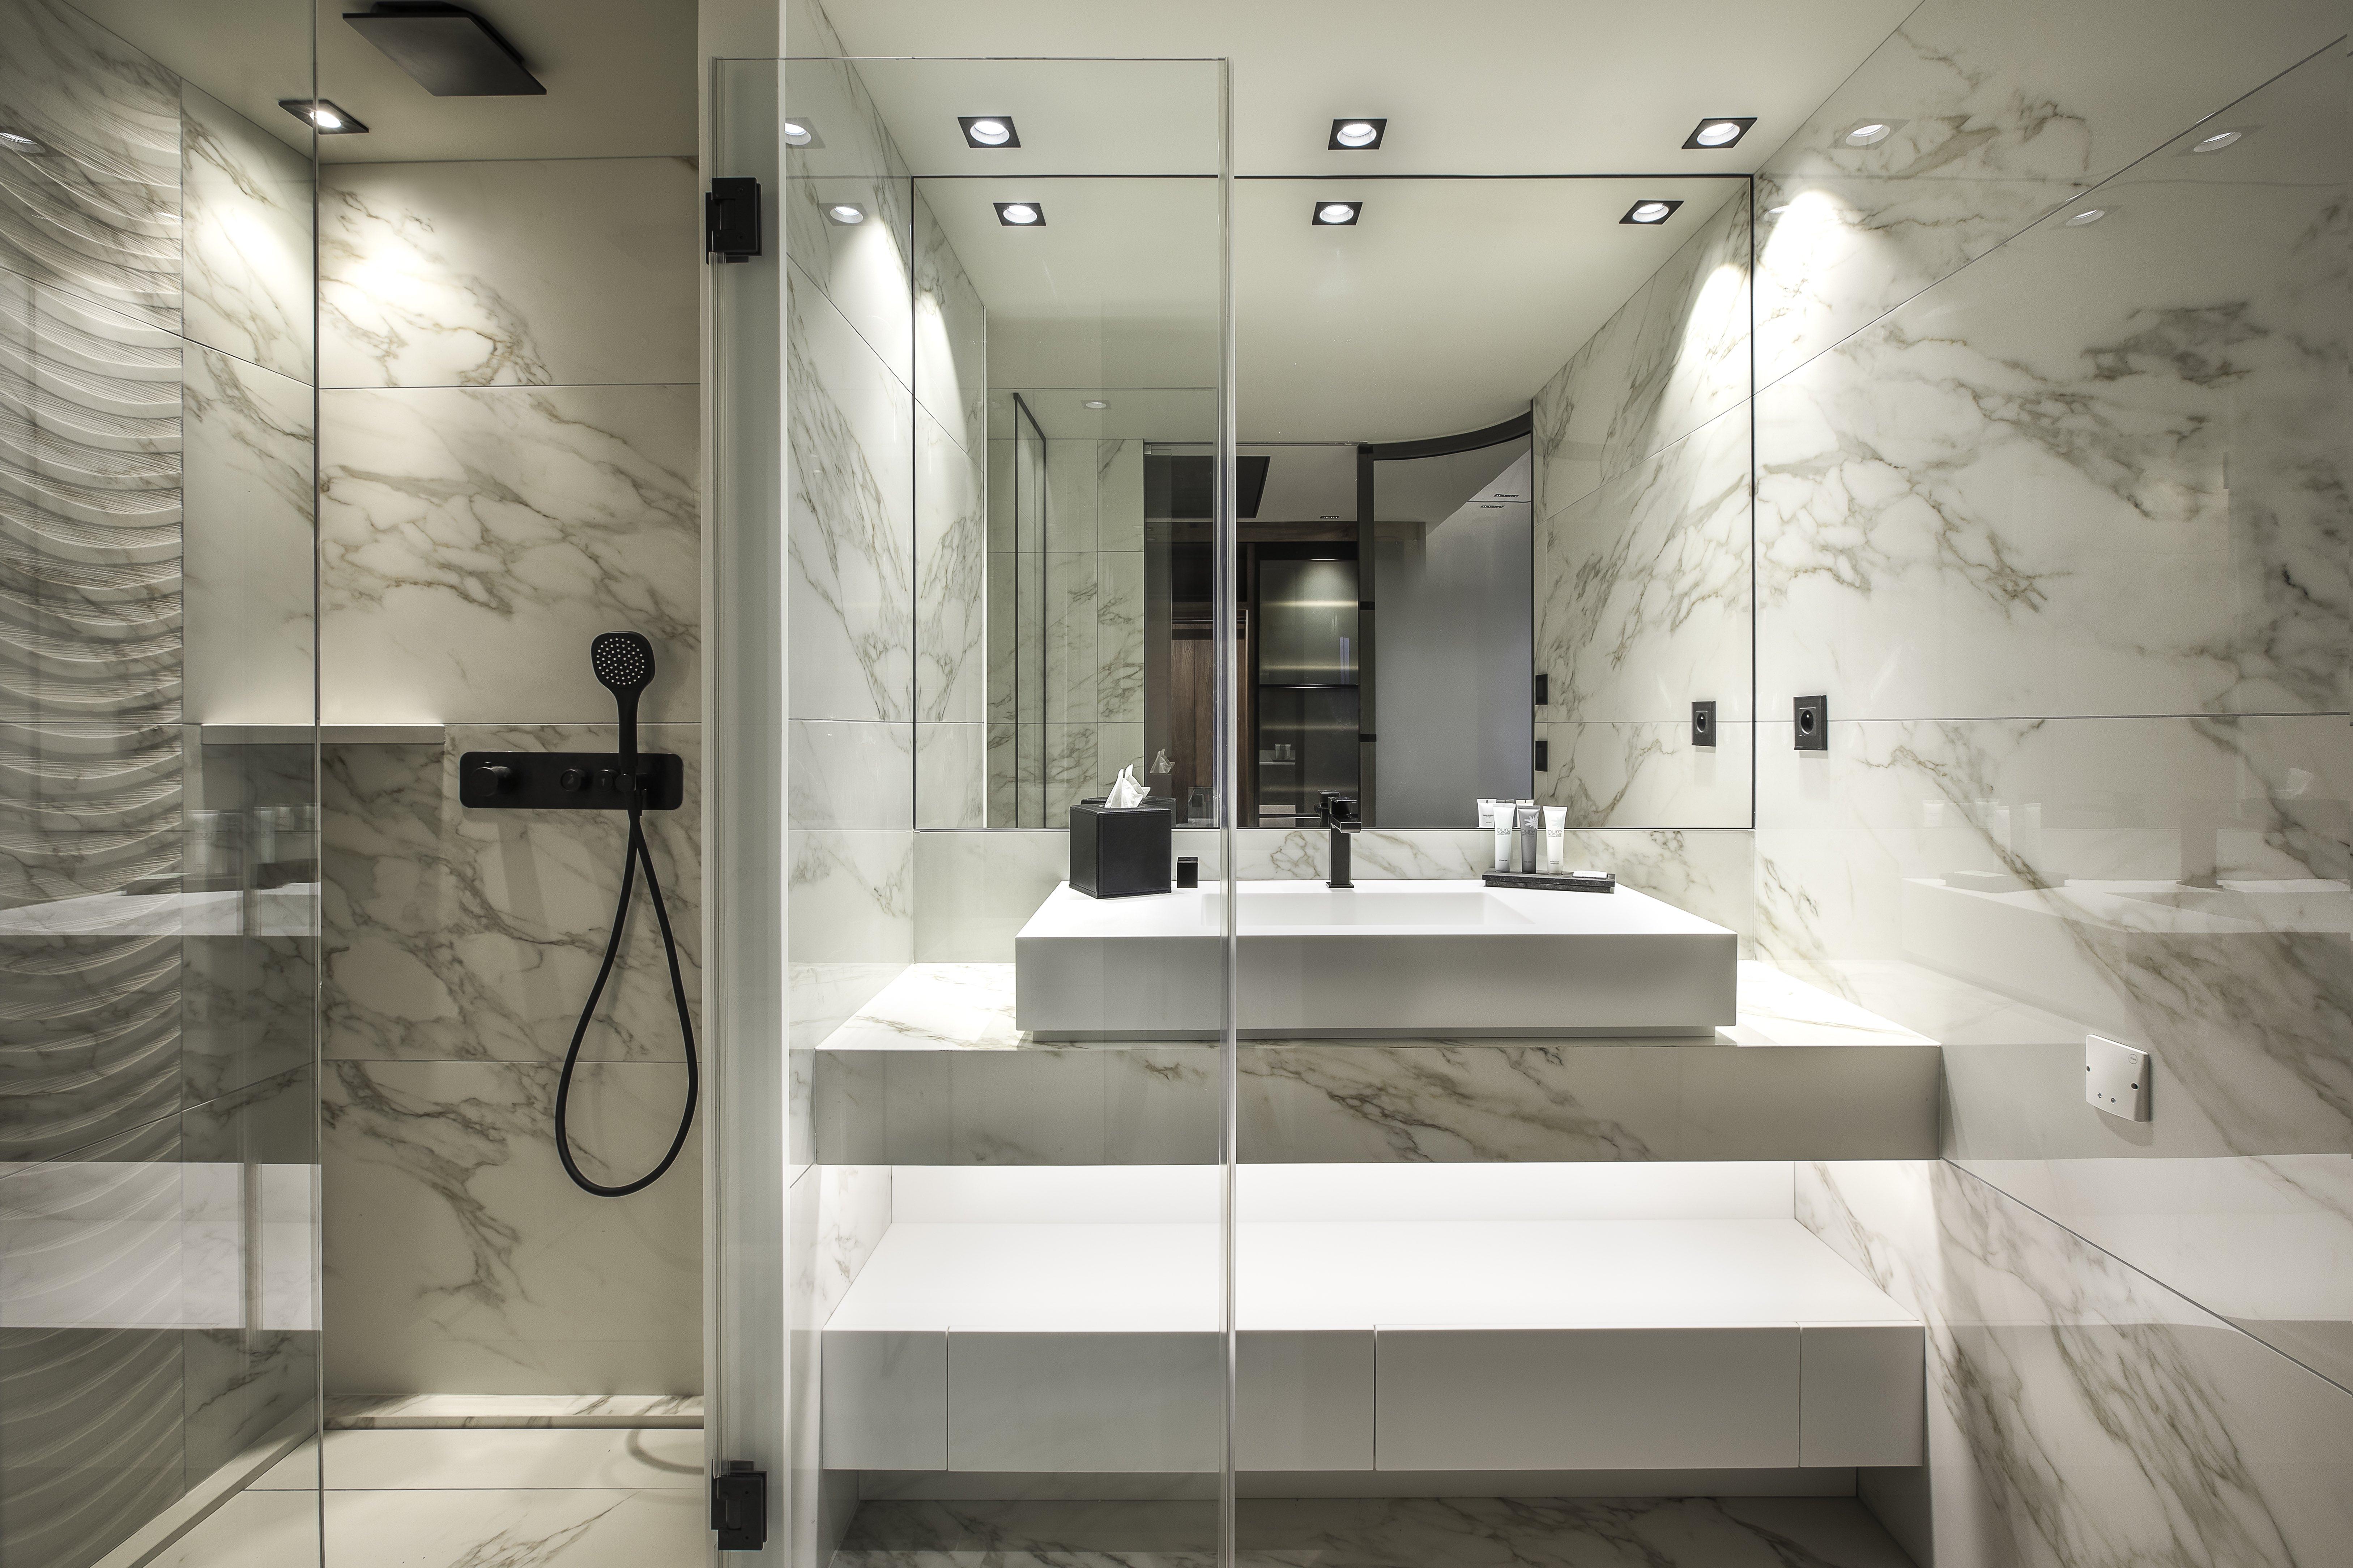 Salle de bain en marbre Hôtel Rivage avec vue sur le lac d'Annecy